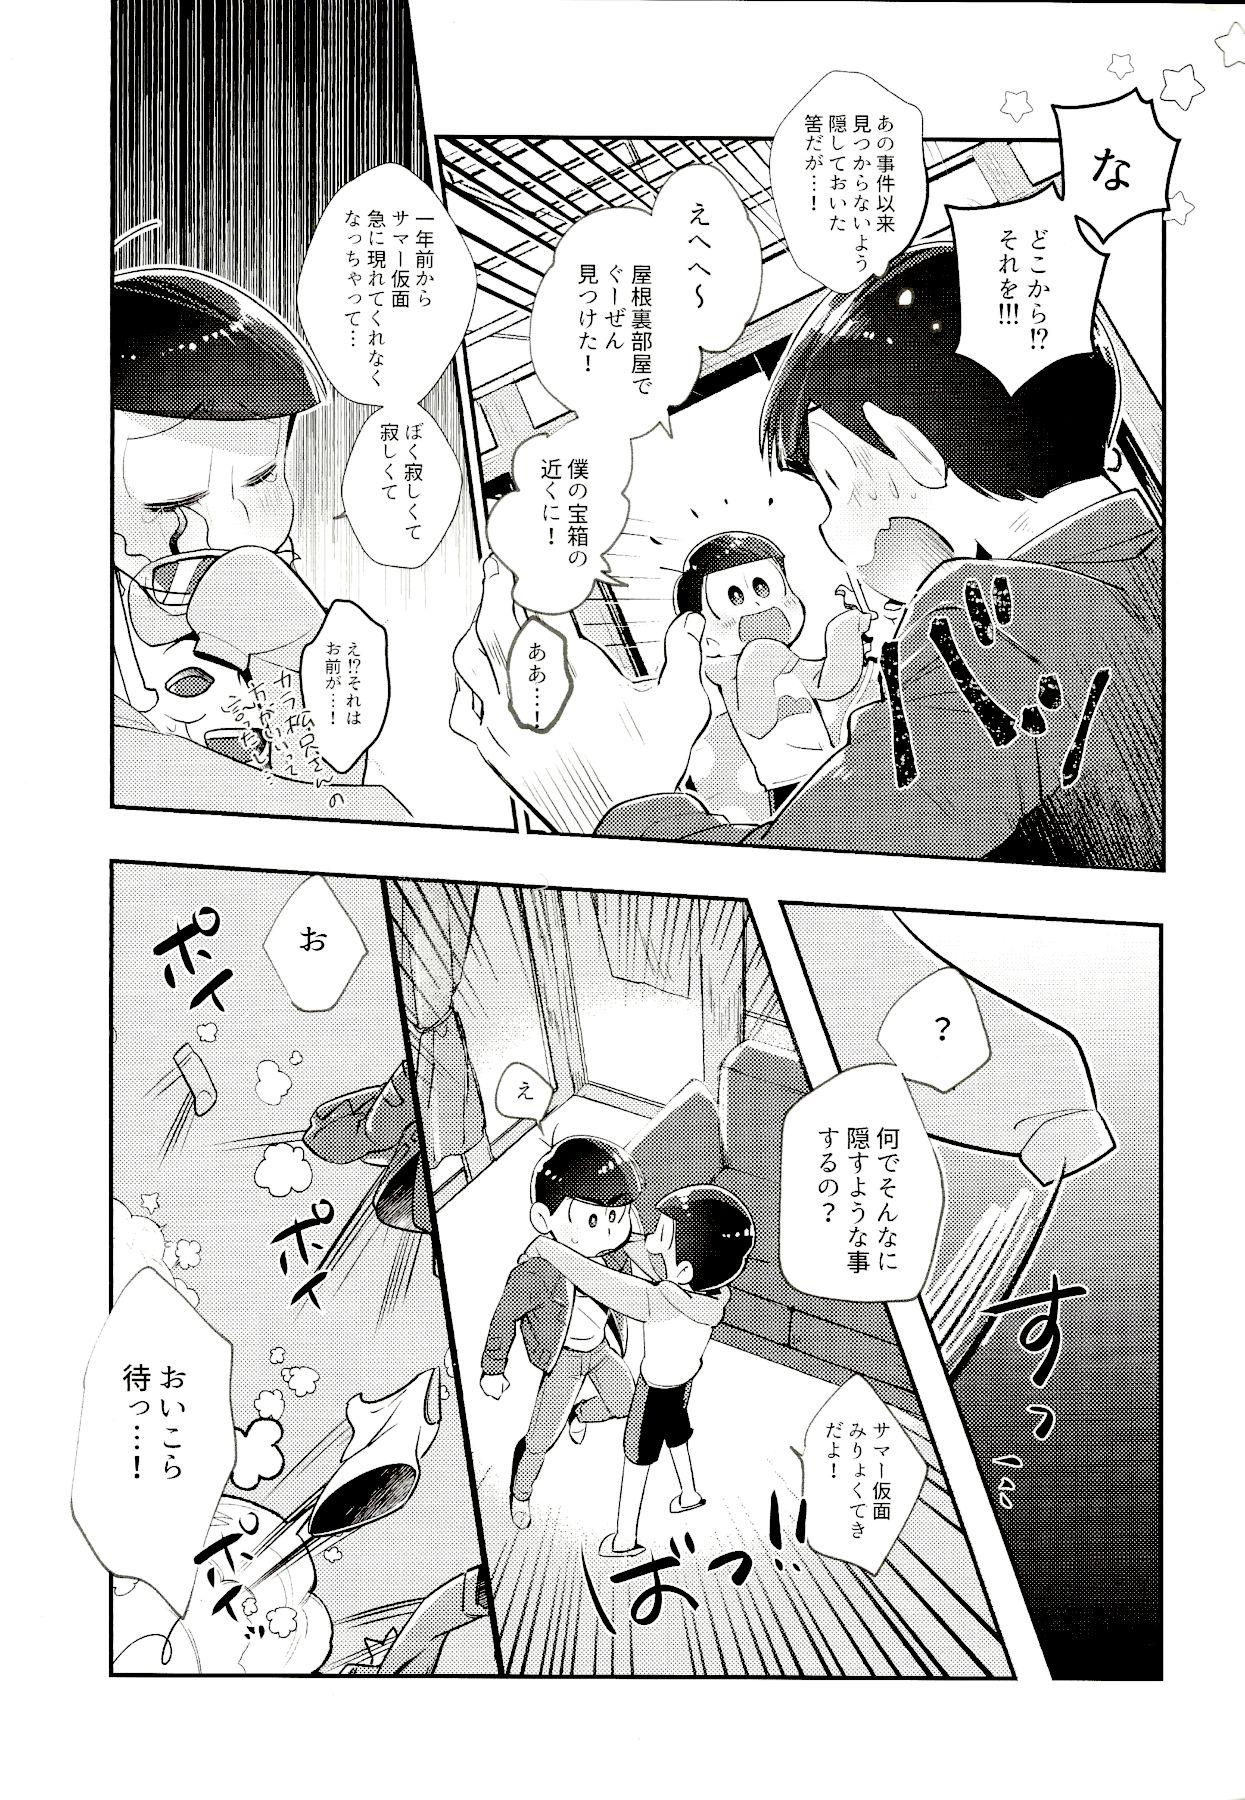 My Riru Juushimatsu ga Summer Kamen to xx Shitaidato!? 3